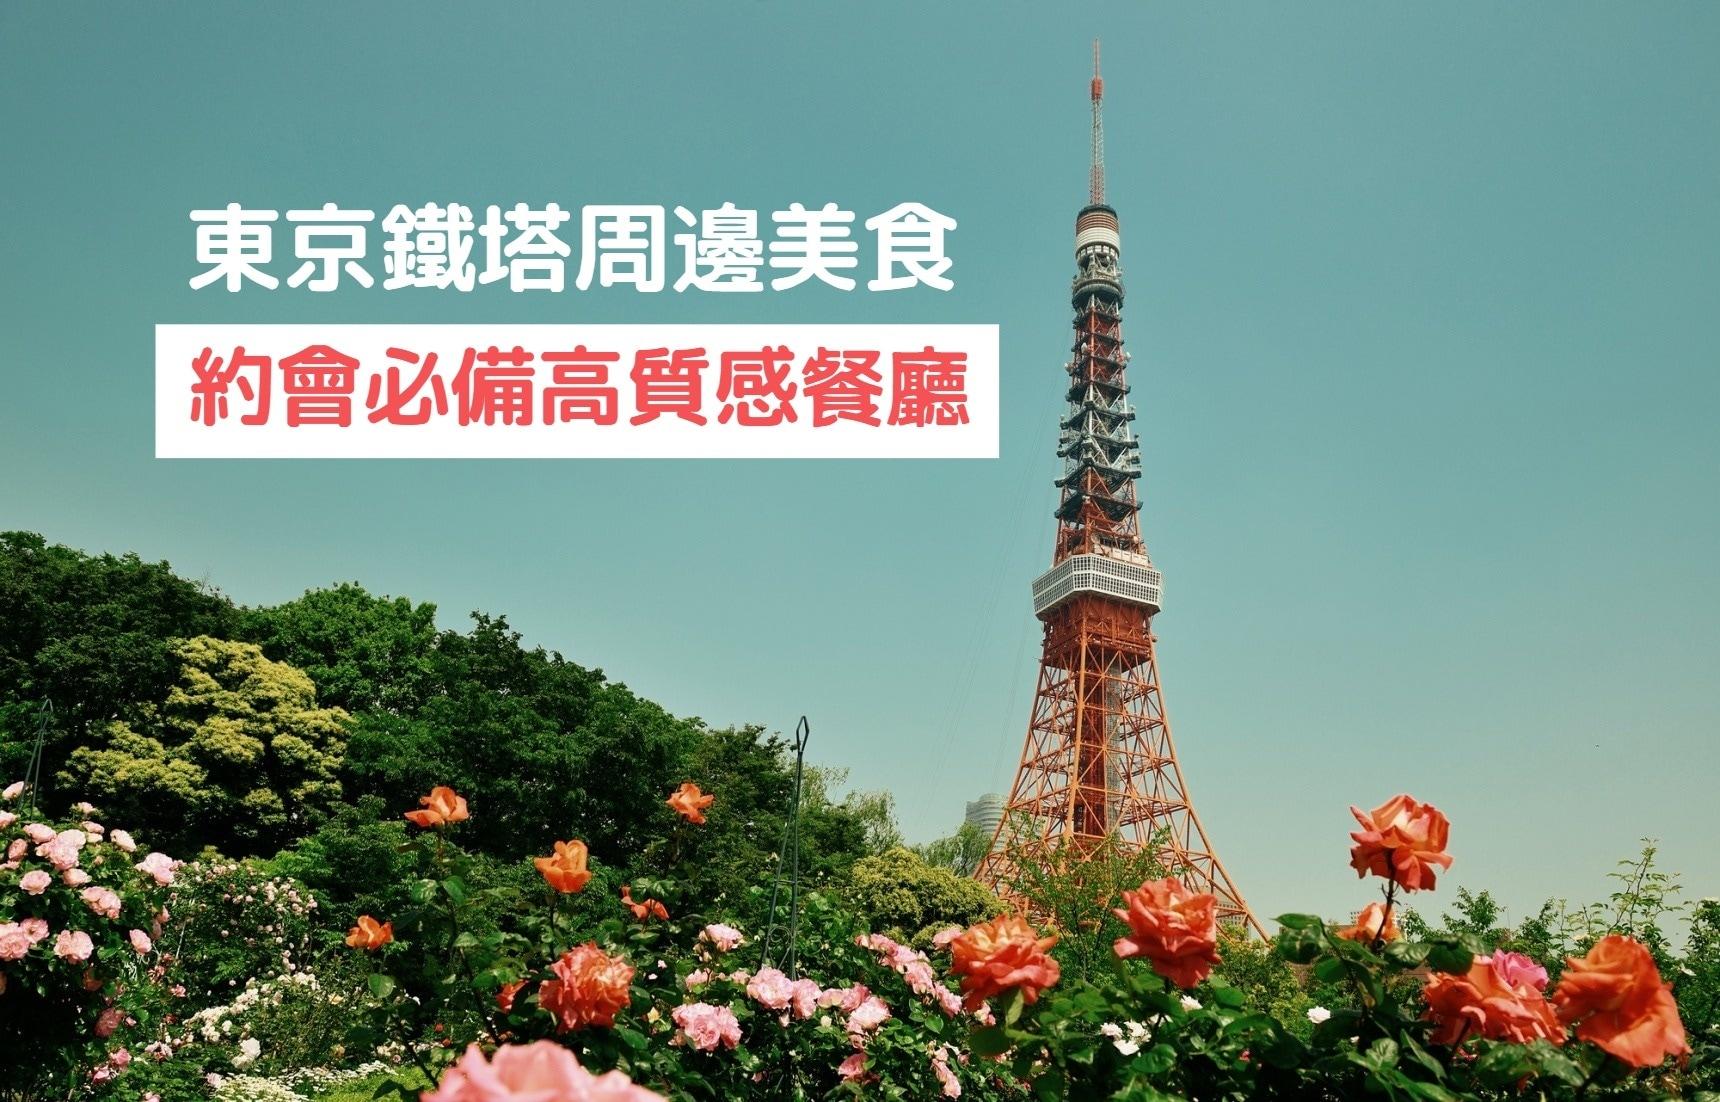 到東京鐵塔約會?錯過這10間高質感餐廳你就前功盡棄了